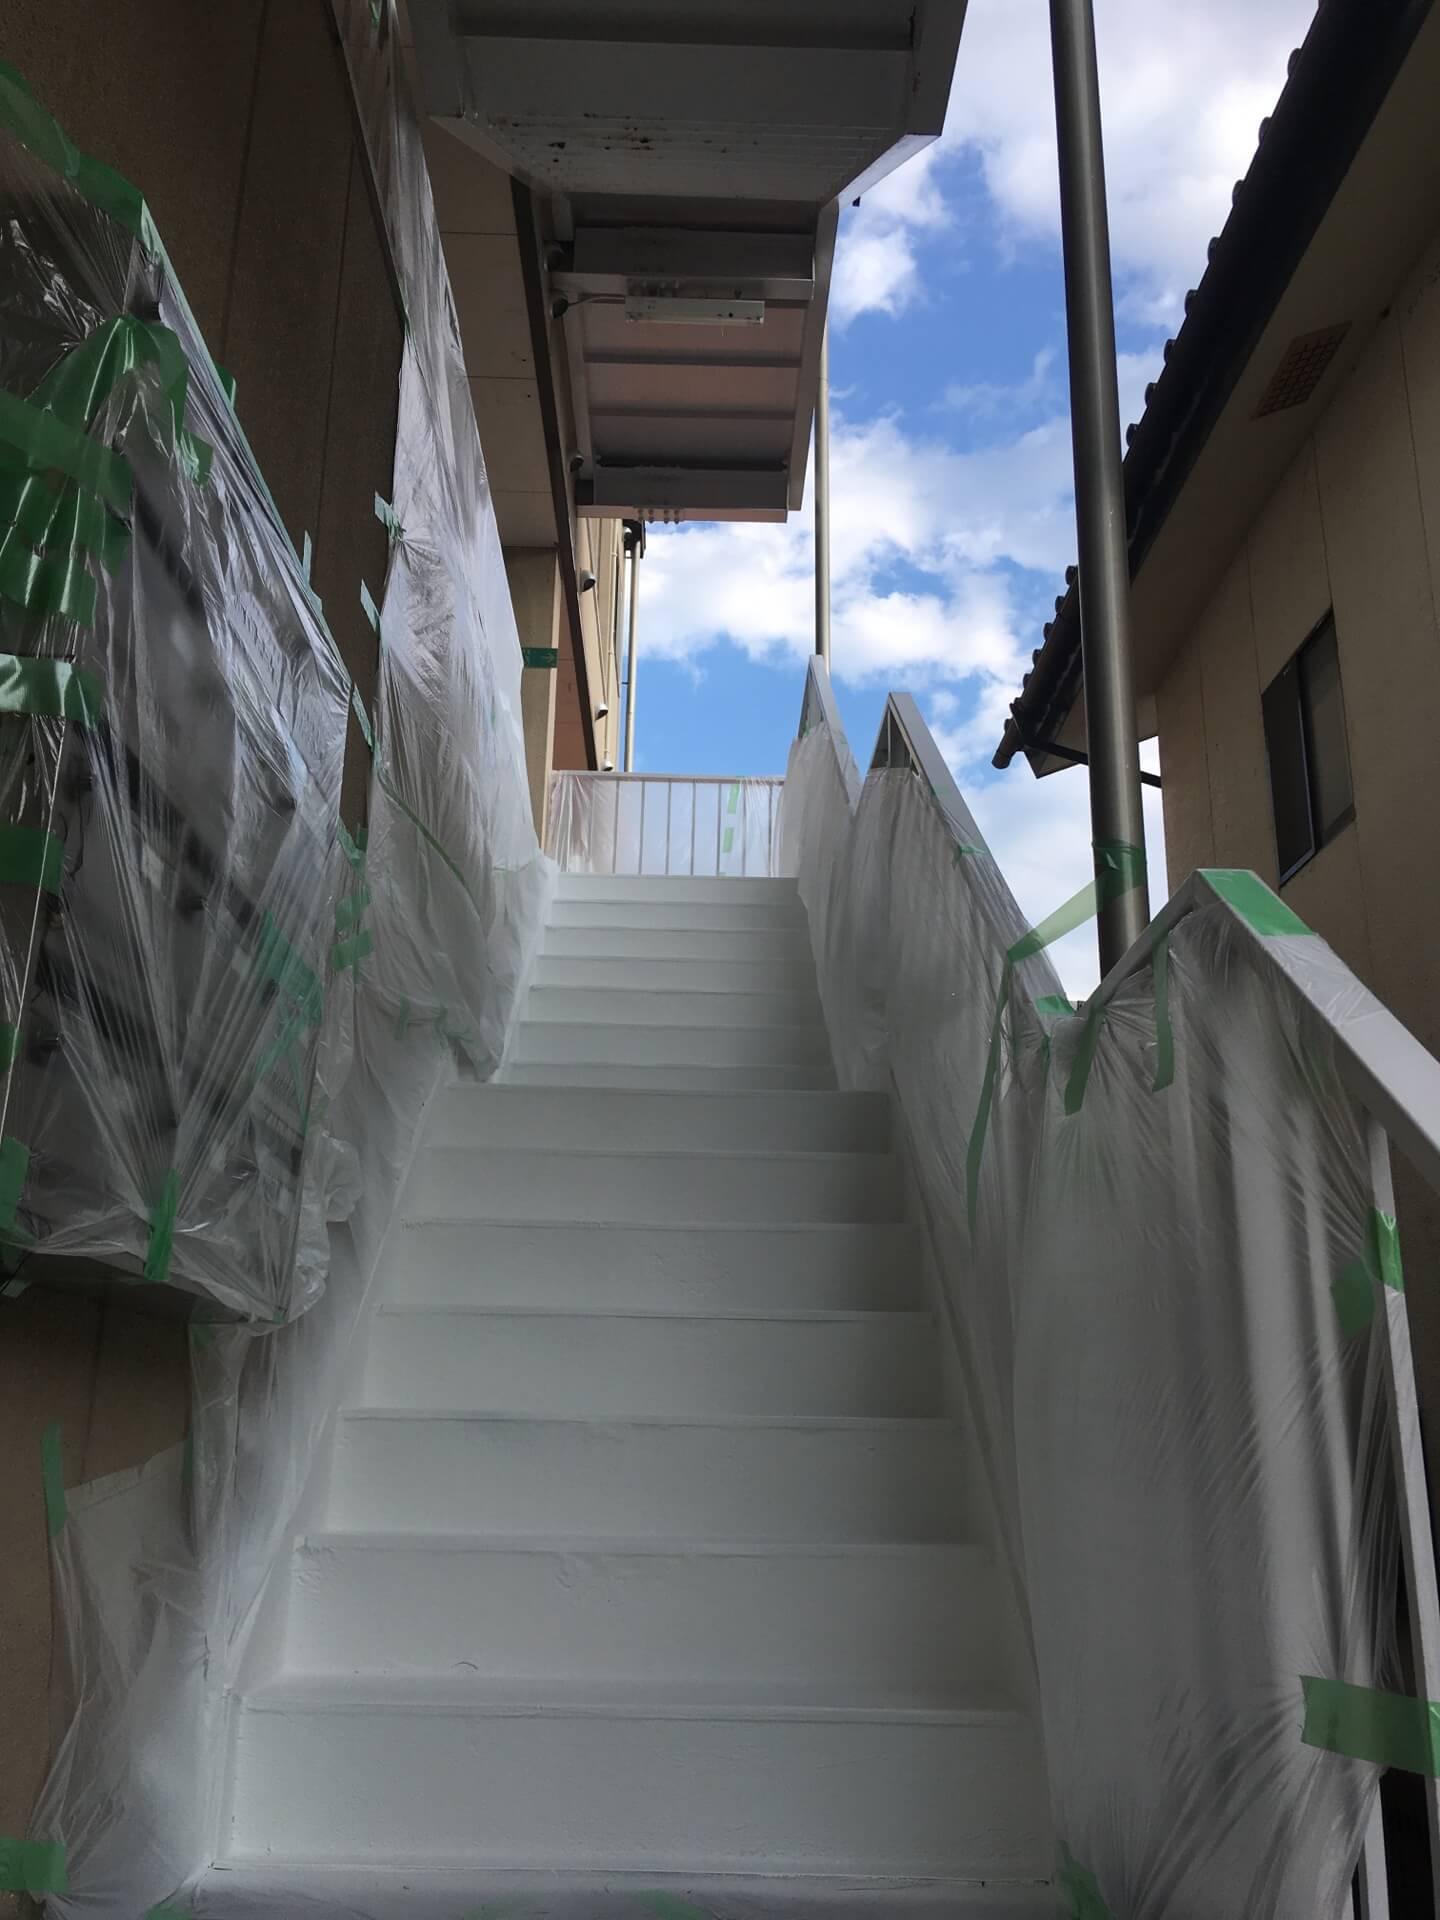 ポリウレア施工実績 民間工場 外階段補修ライニング(補修)NUKOTEポリウレアAL